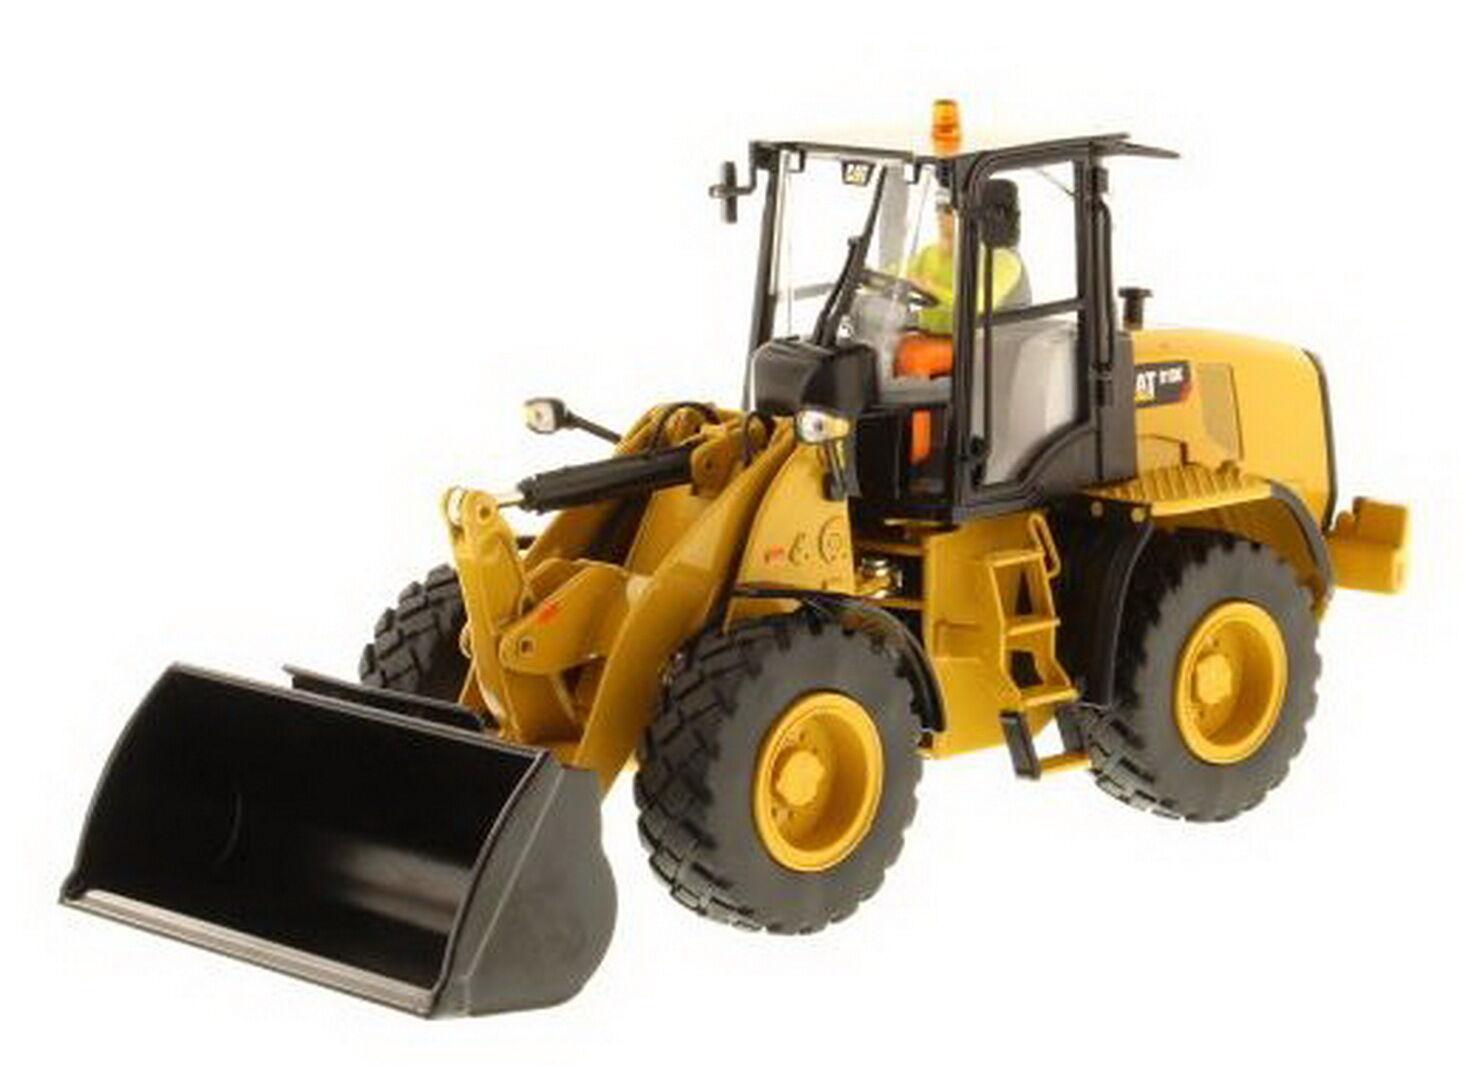 Sito ufficiale 1 50 DM Caterpillar CAT CAT CAT 910K Pala Gommata modellolo Diecast  85294  Spedizione gratuita al 100%